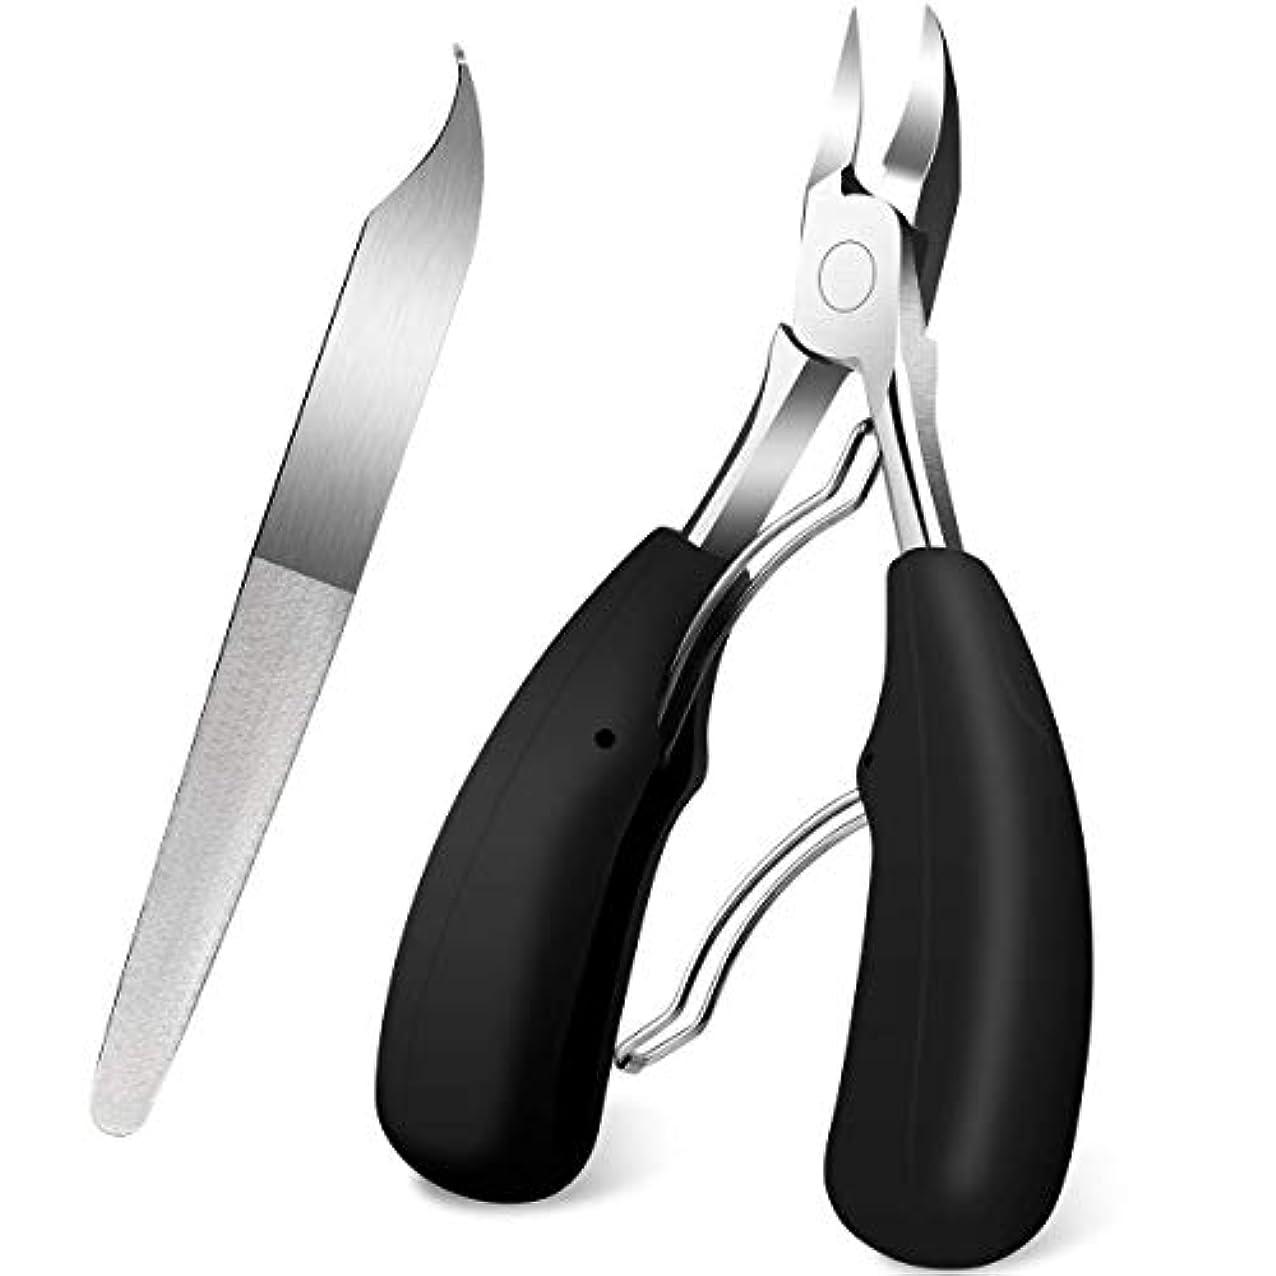 オーチャード所有権論争爪切り ニッパー 巻き爪 変形爪 硬い爪 ネイルケア 3way仕様爪やすり 手足兼用 つめきり (2点セット) …